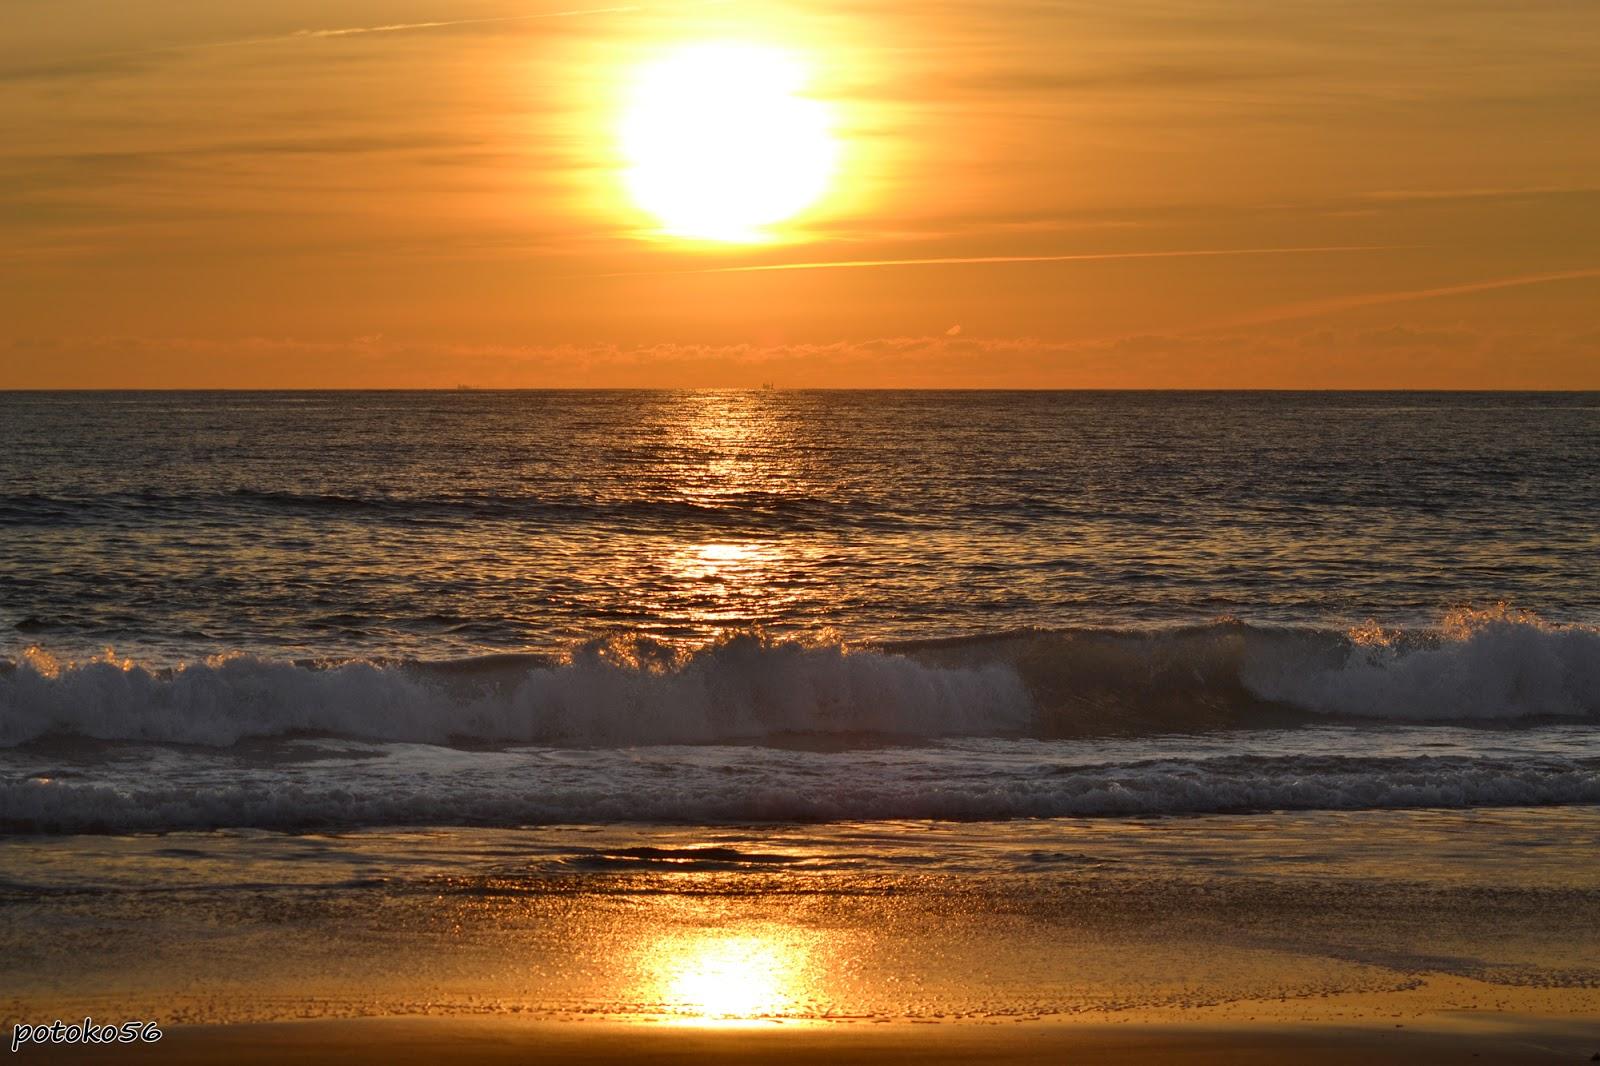 Puesta de sol, Sol y mar, Playa de Rota, Playa de la Costilla